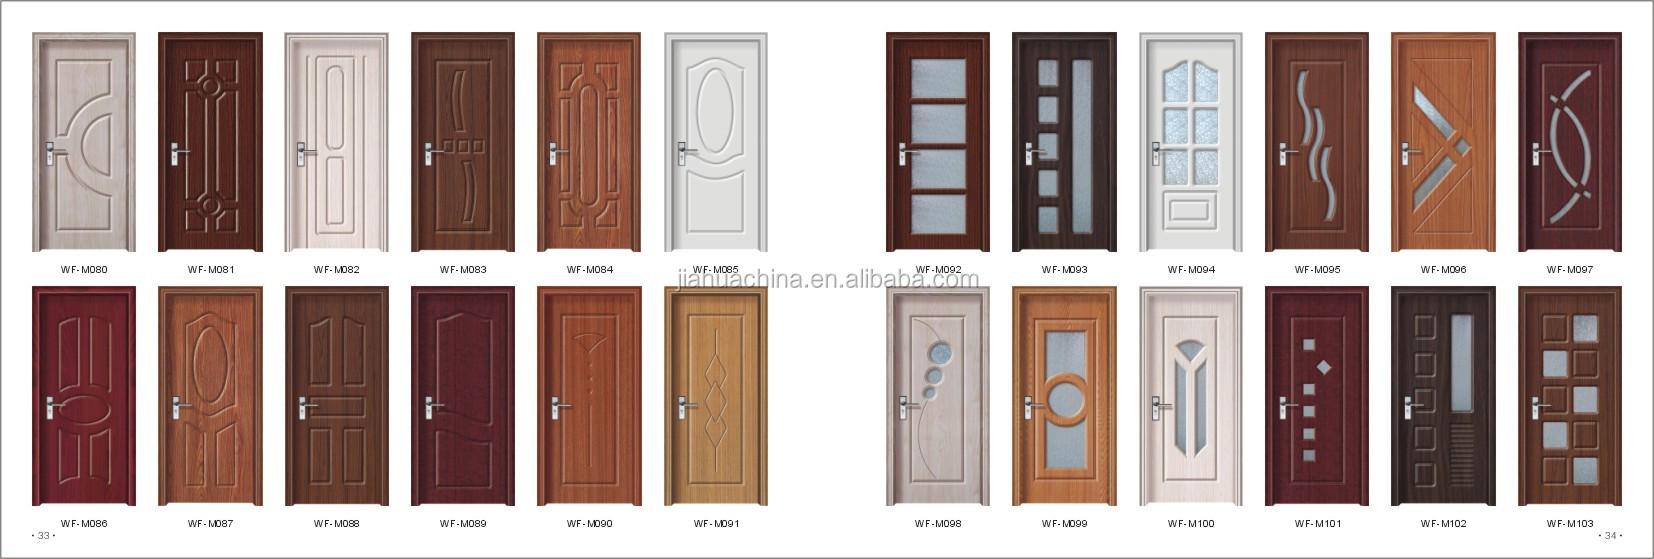 China product bedroom pvc wooden doors polish swing door for Main door designs 2014